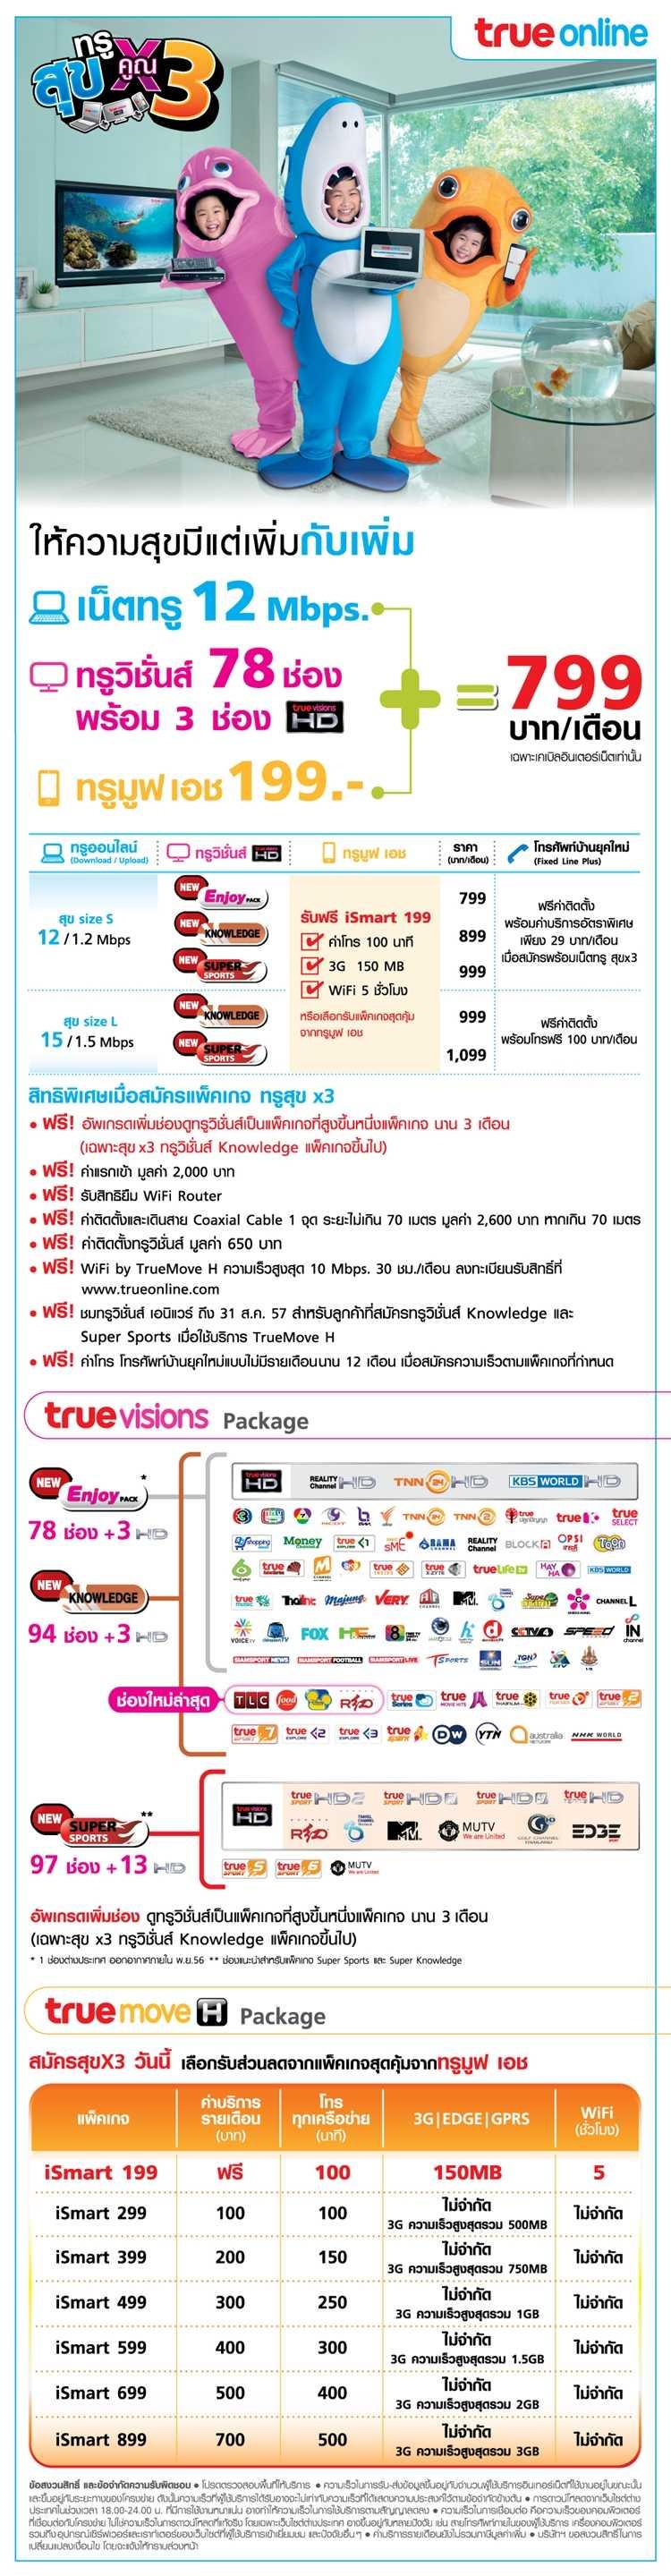 Internet in Thailand